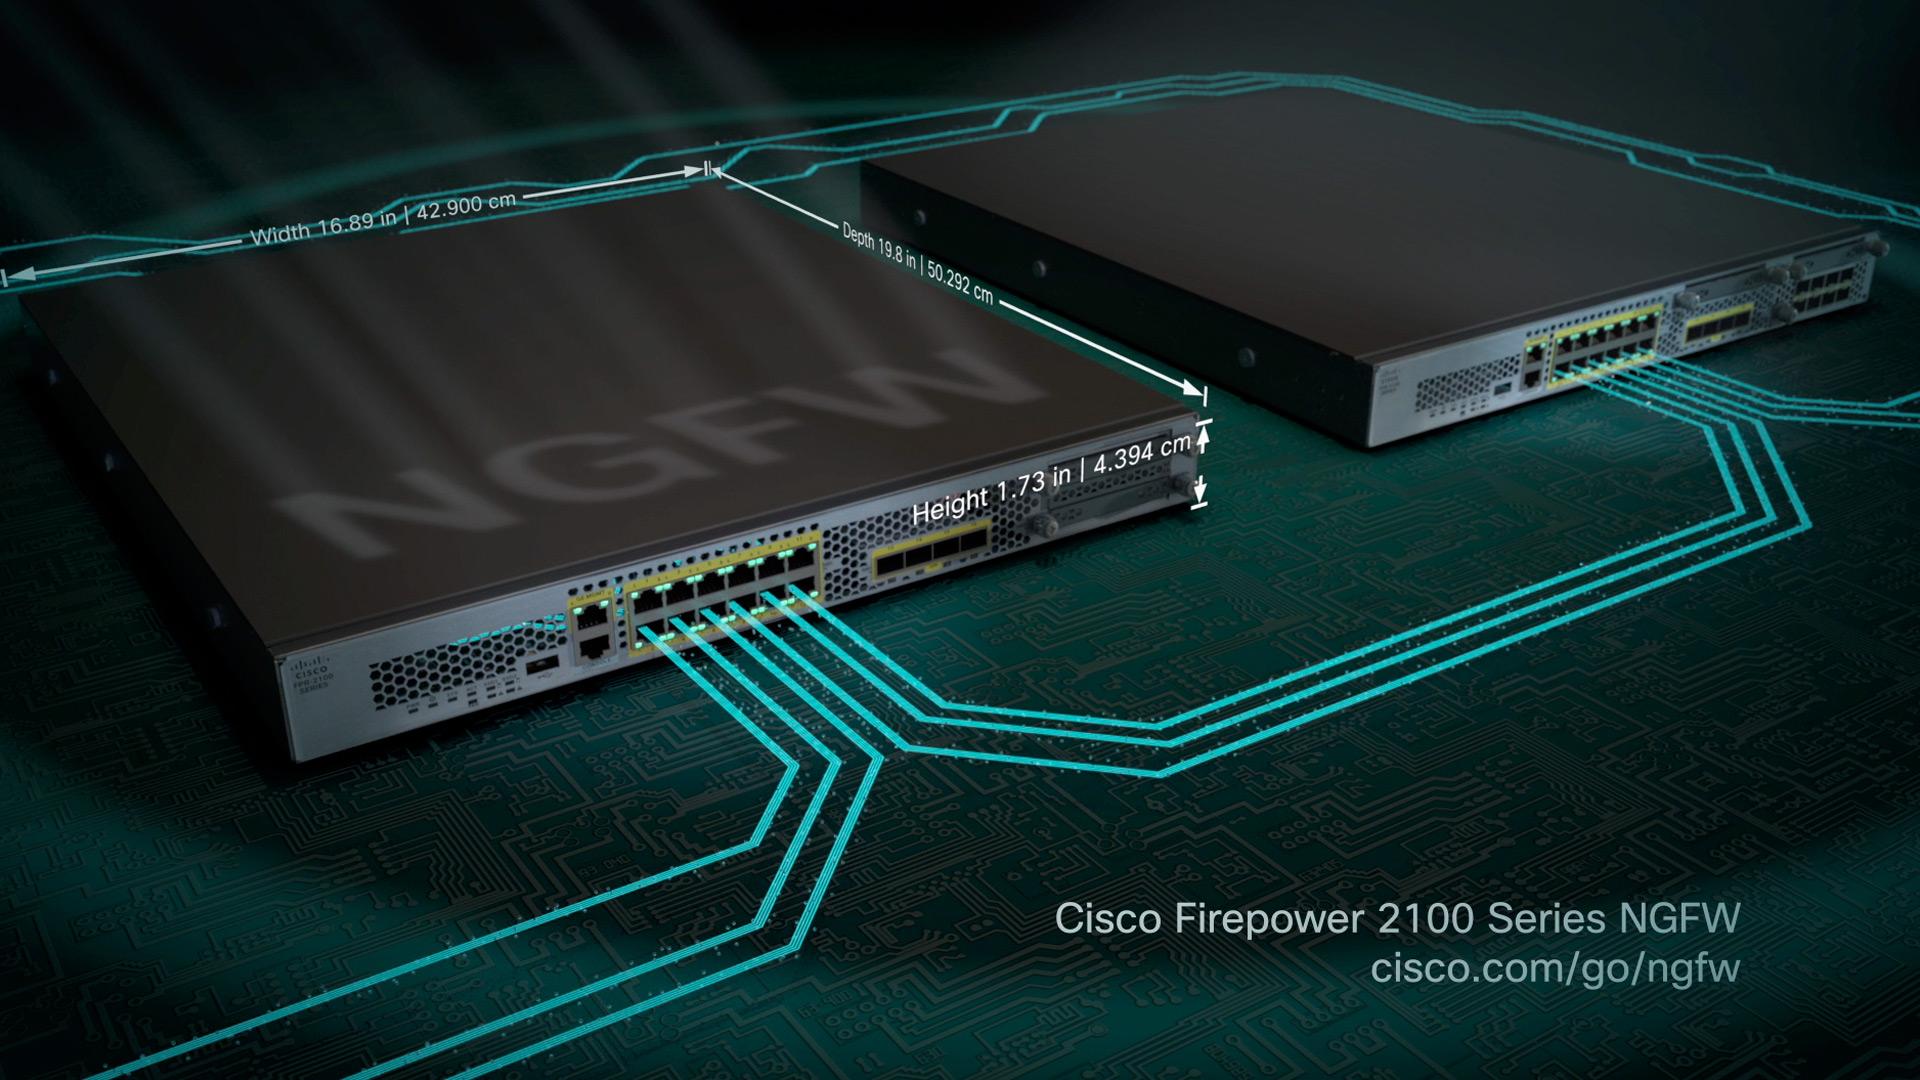 Cisco_Firepower2100_endshot